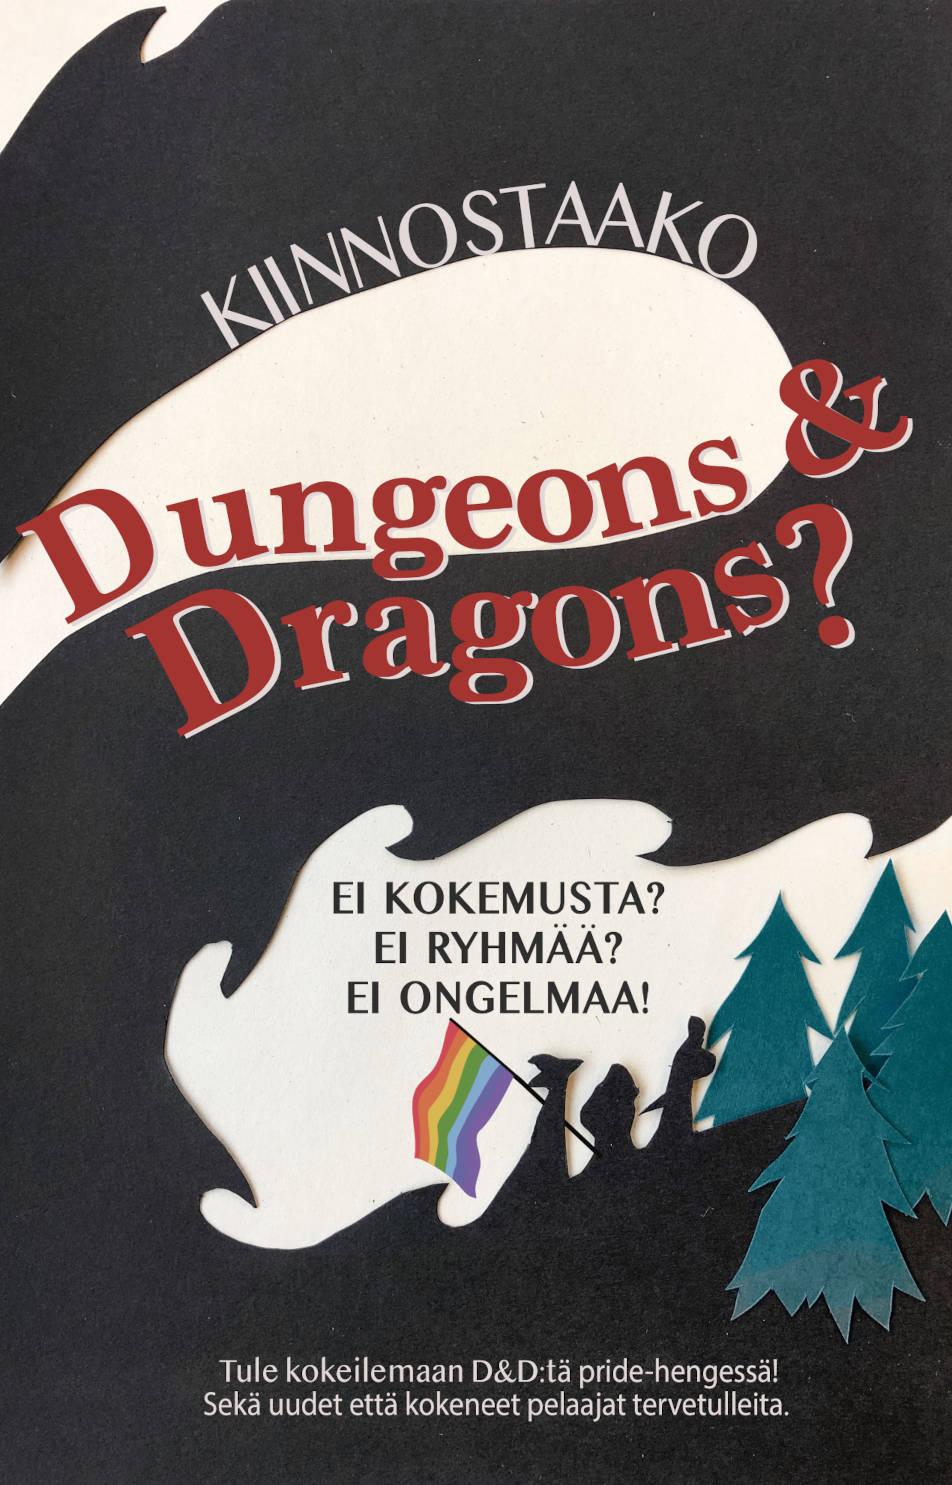 Kiinnostaako Dungeons & Dragons? Ei kokemusta? Ei ryhmää? Ei ongelmaa! Tule kokeilemaan D&D:tä pride-hengessä! Seka uudet että kokeneet pelaajat tervetulleita.